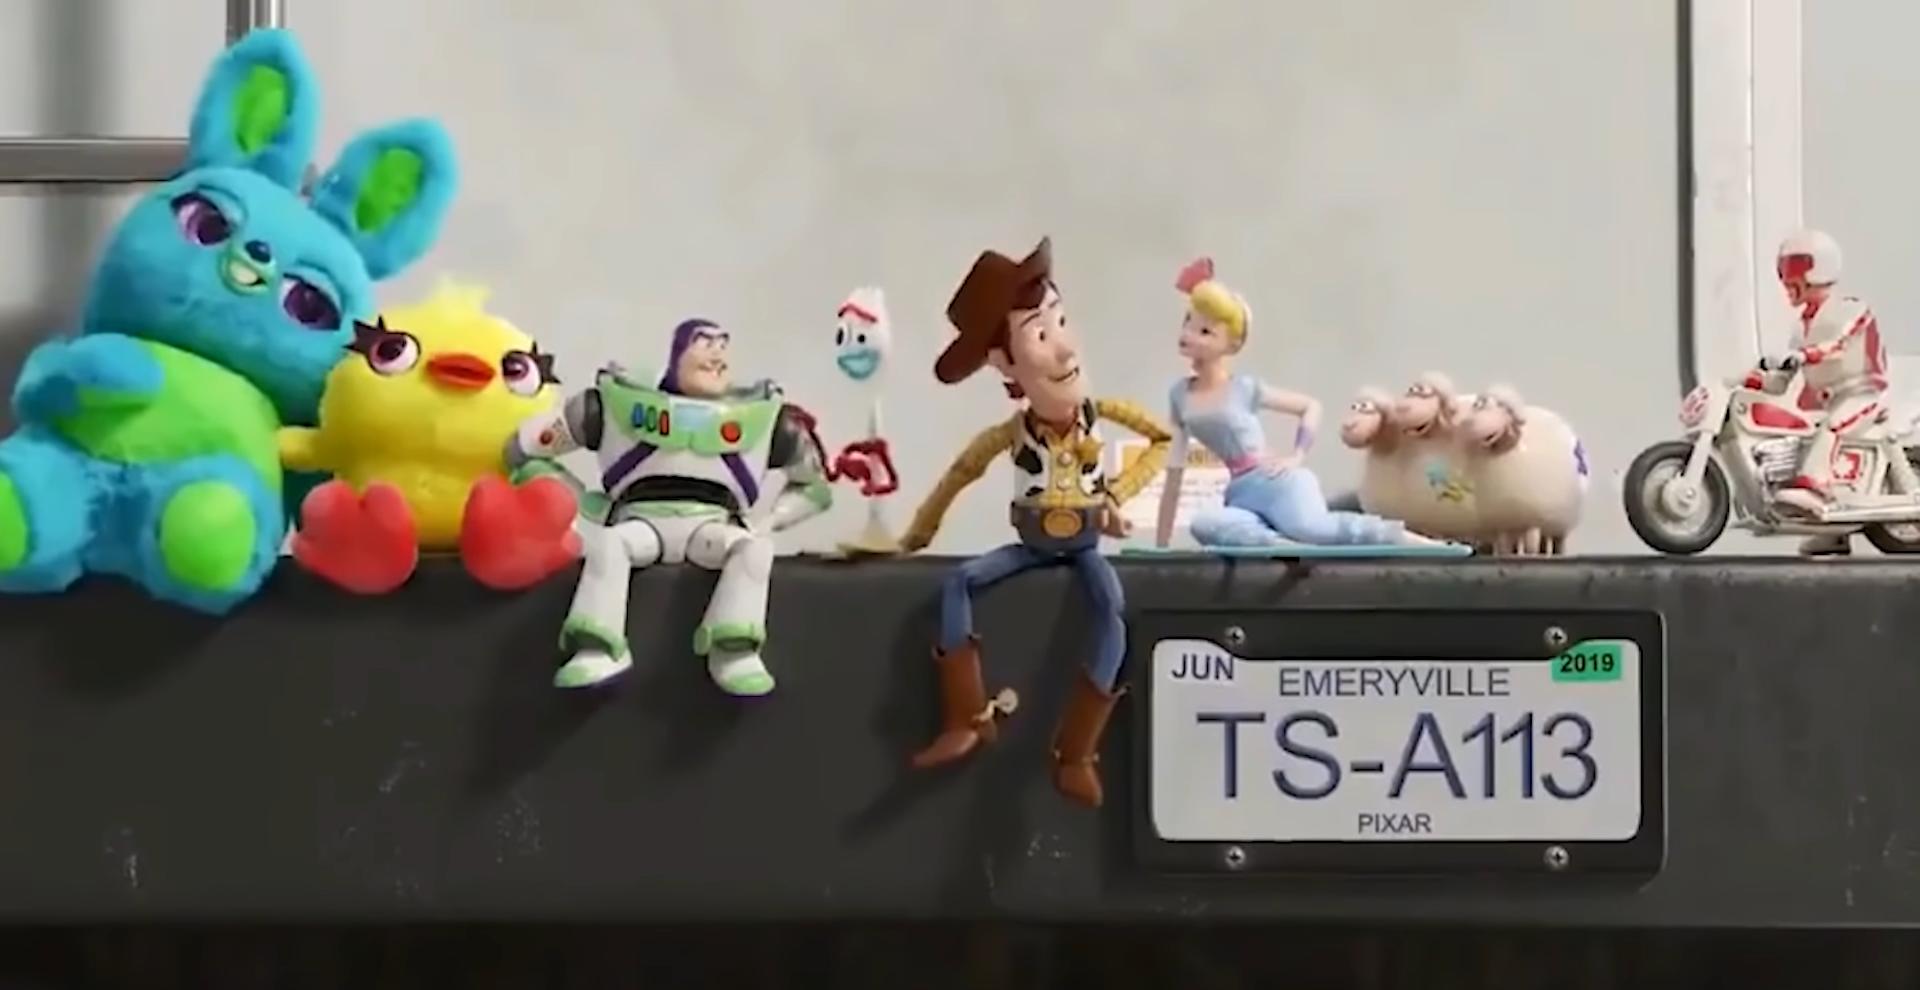 40 bí mật thú vị được giấu kĩ trong Toy Story 4 chỉ ai tinh mắt lắm mới thấy - Ảnh 26.